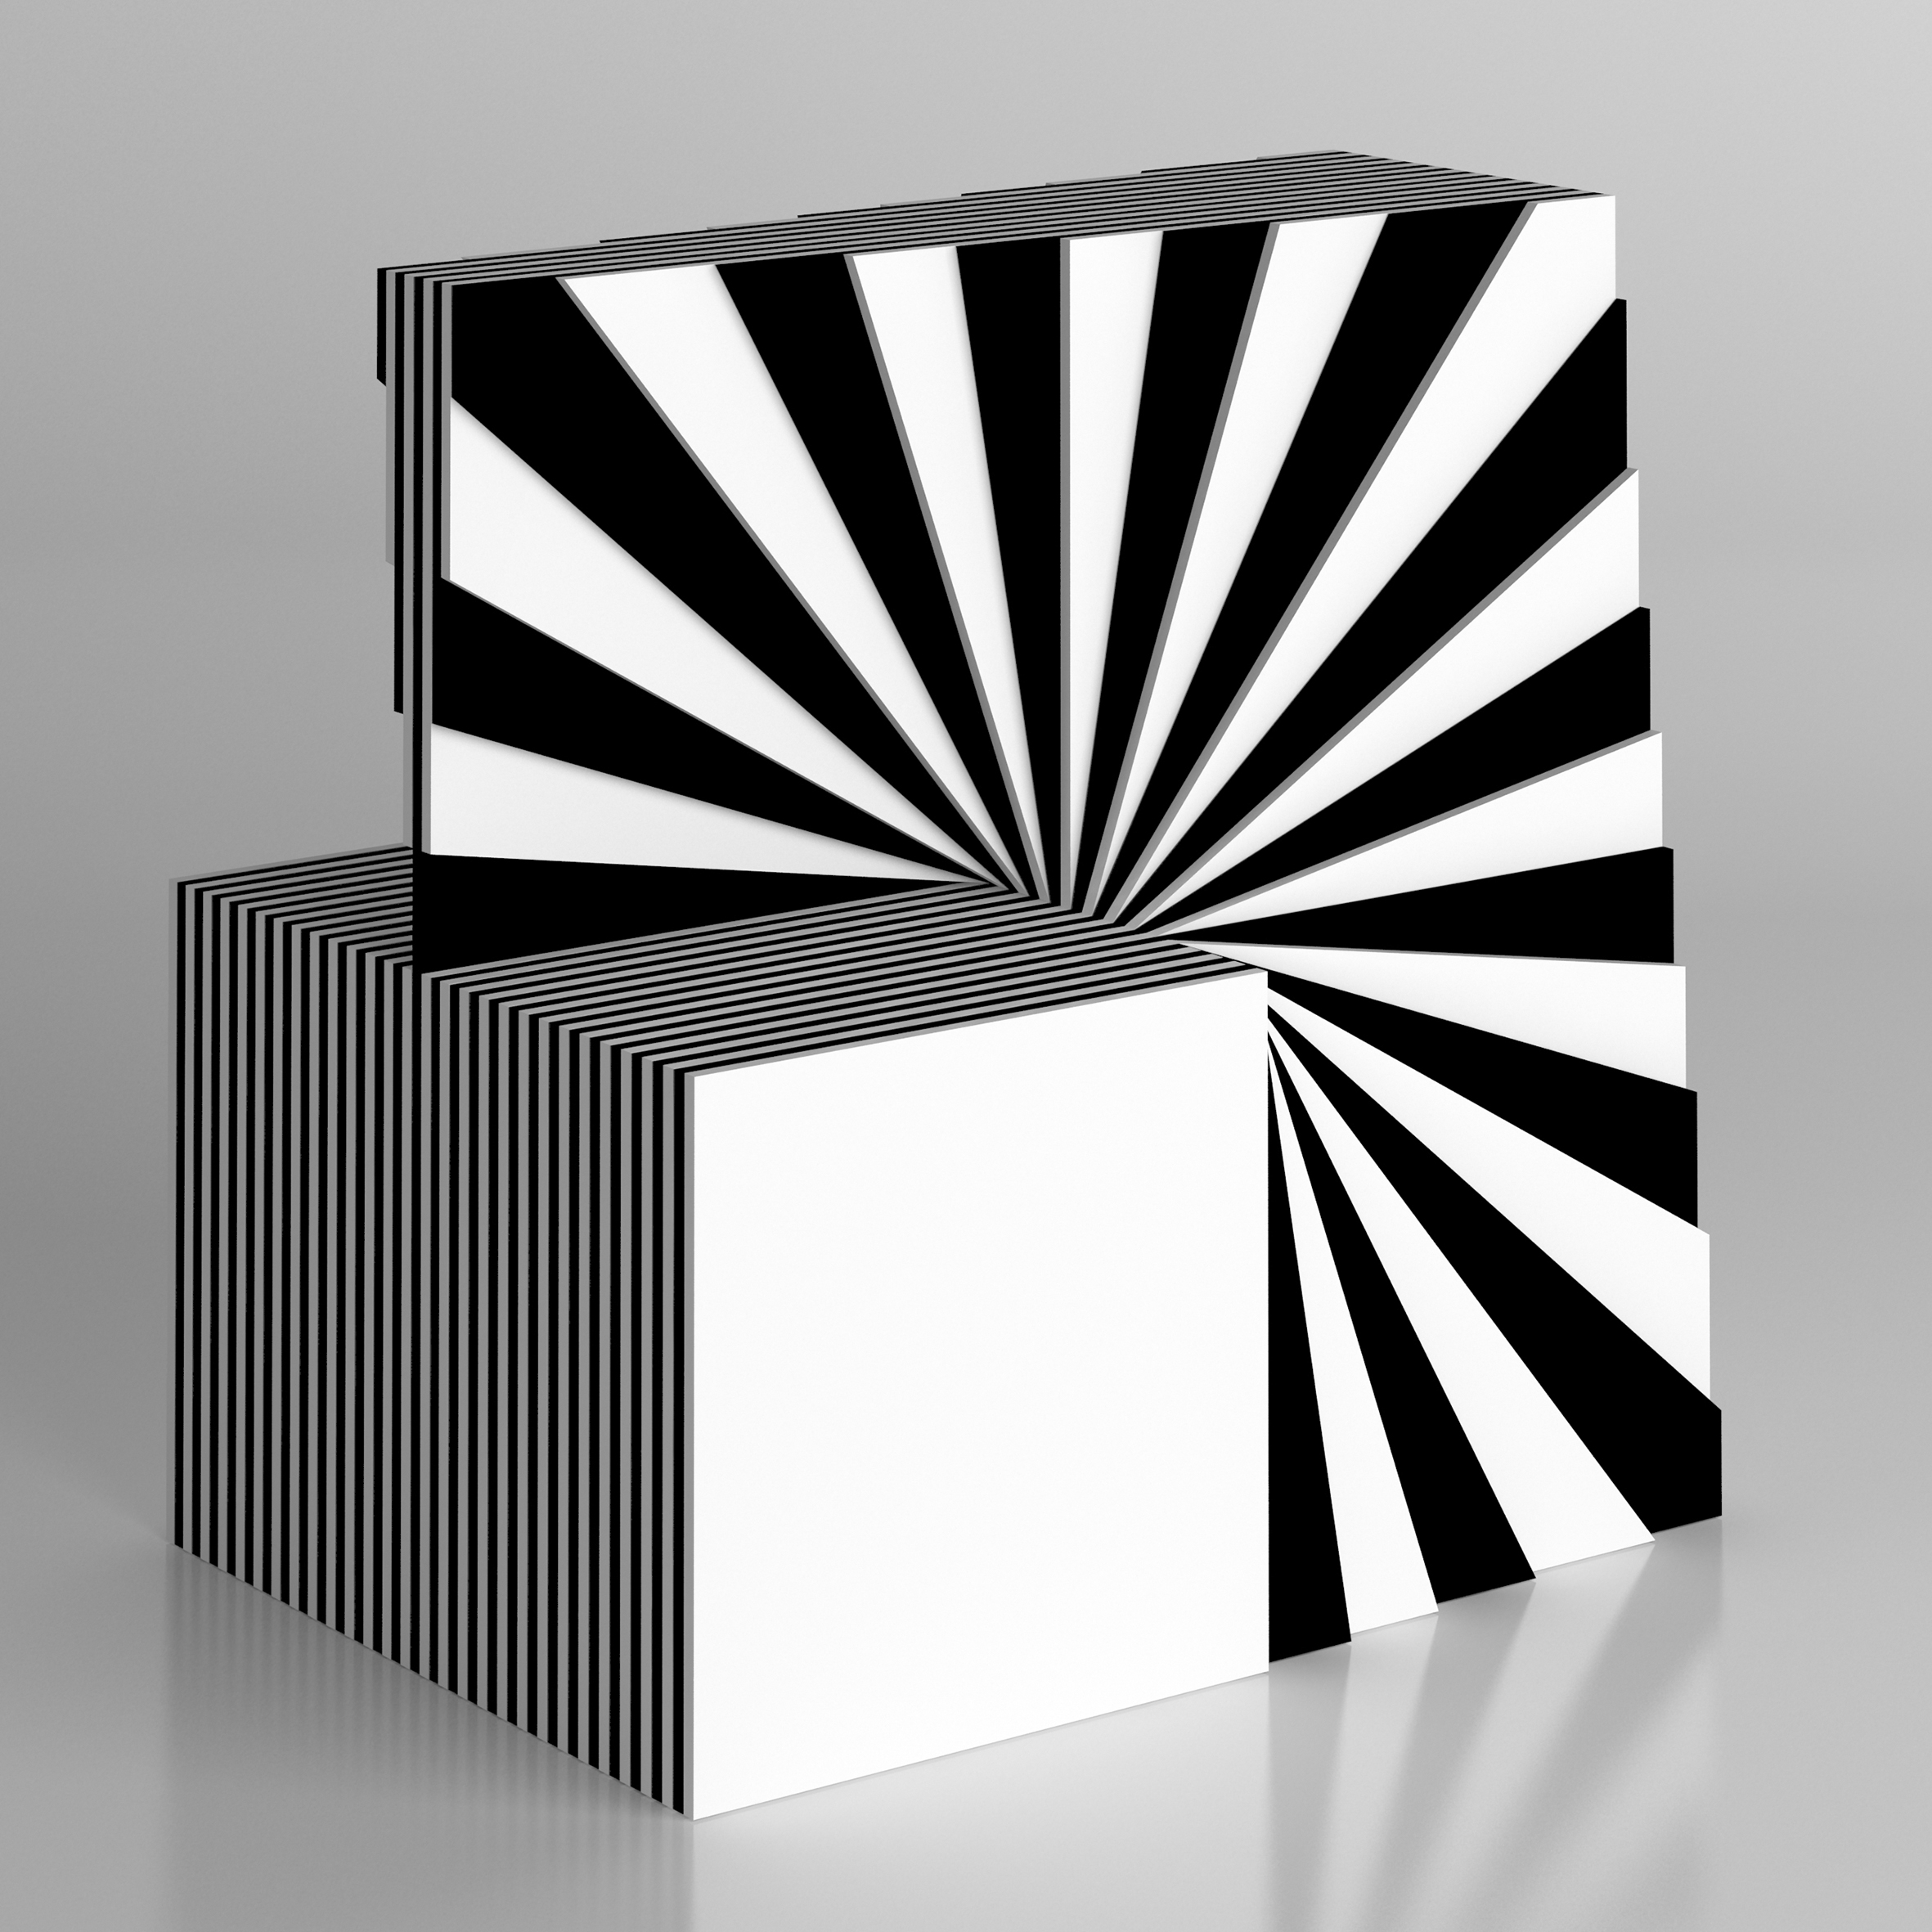 Marcello Morandini, Scultura 572 / 2011, plexiglas, cm 30x30x16,5, edizione 9 esemplari, Courtesy Cortesi Gallery